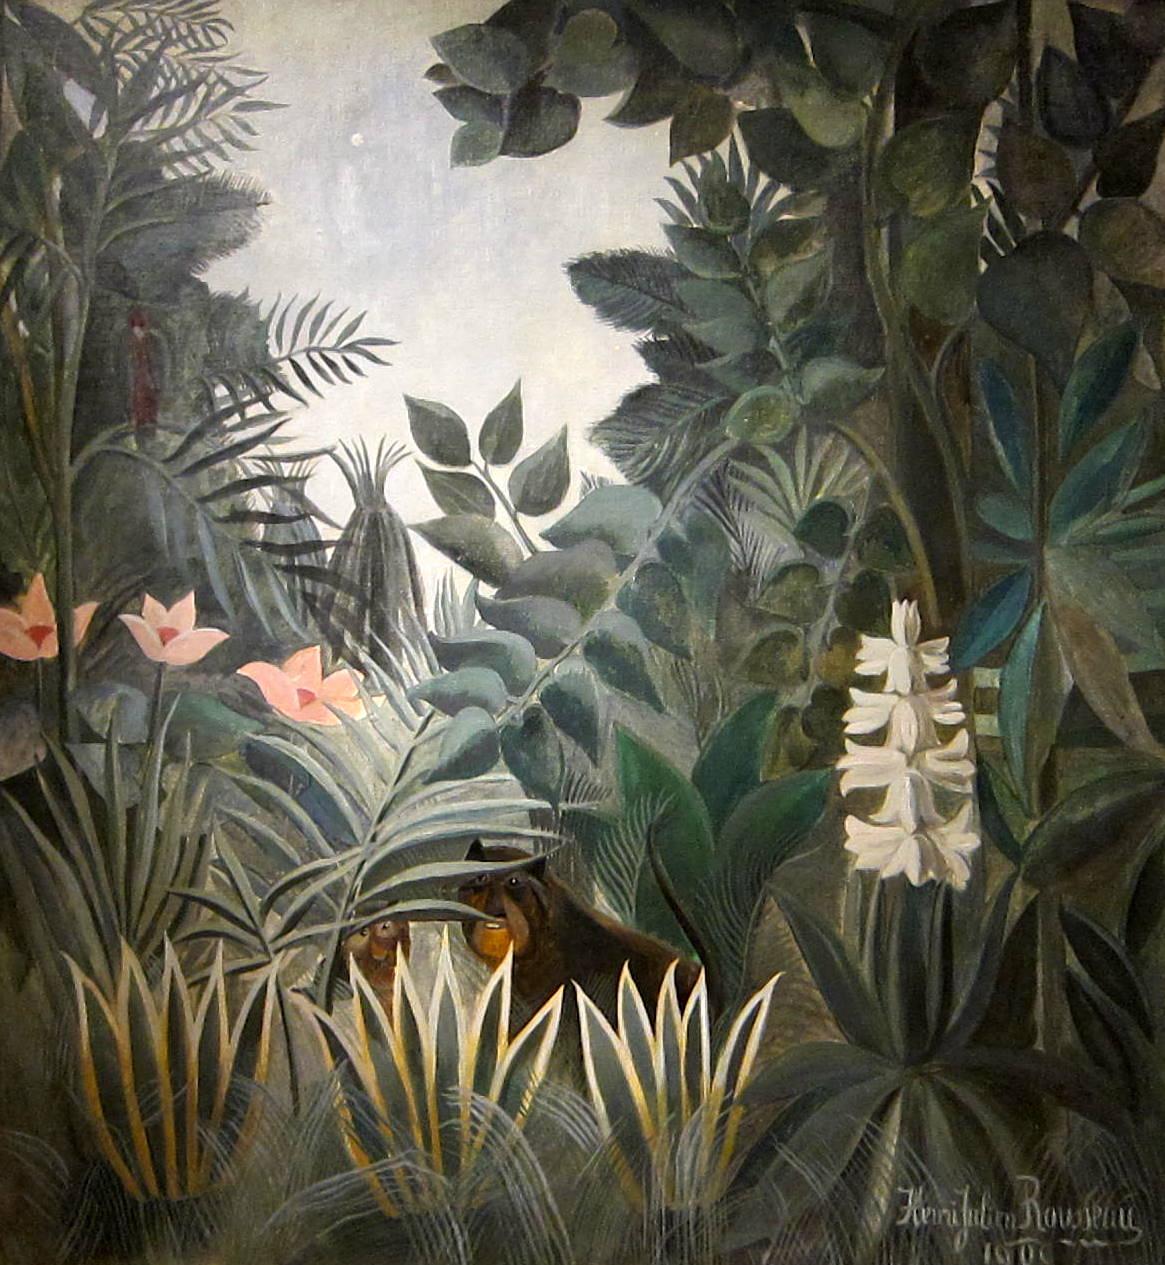 The_Equatorial_Jungle